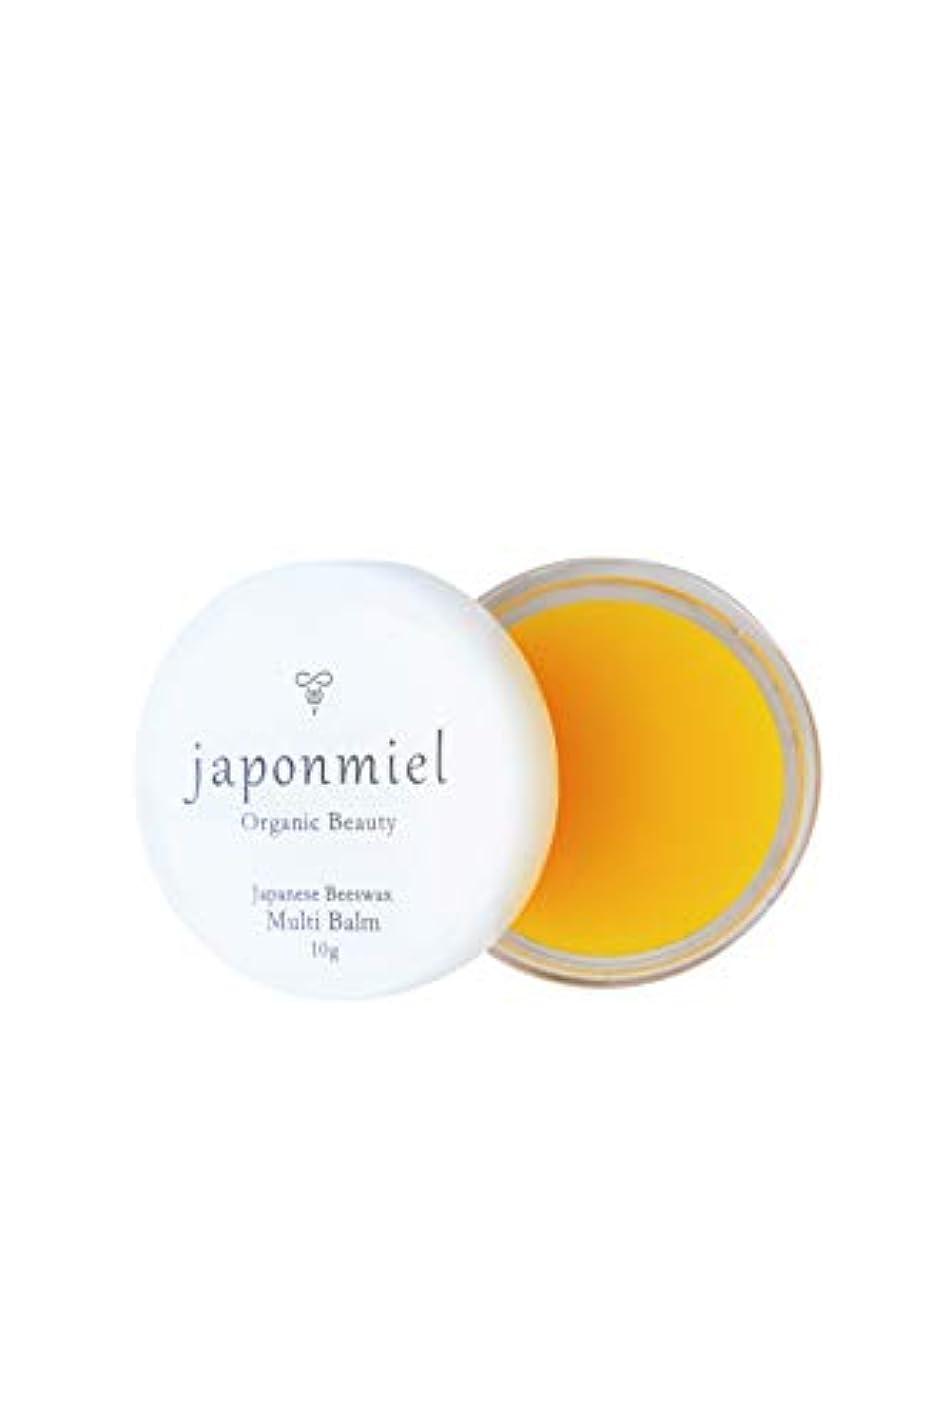 改修する記録汚物japonmiel オーガニック マルチバーム 10g (日本ミツバチ ミツロウ 配合 100%自然由来)